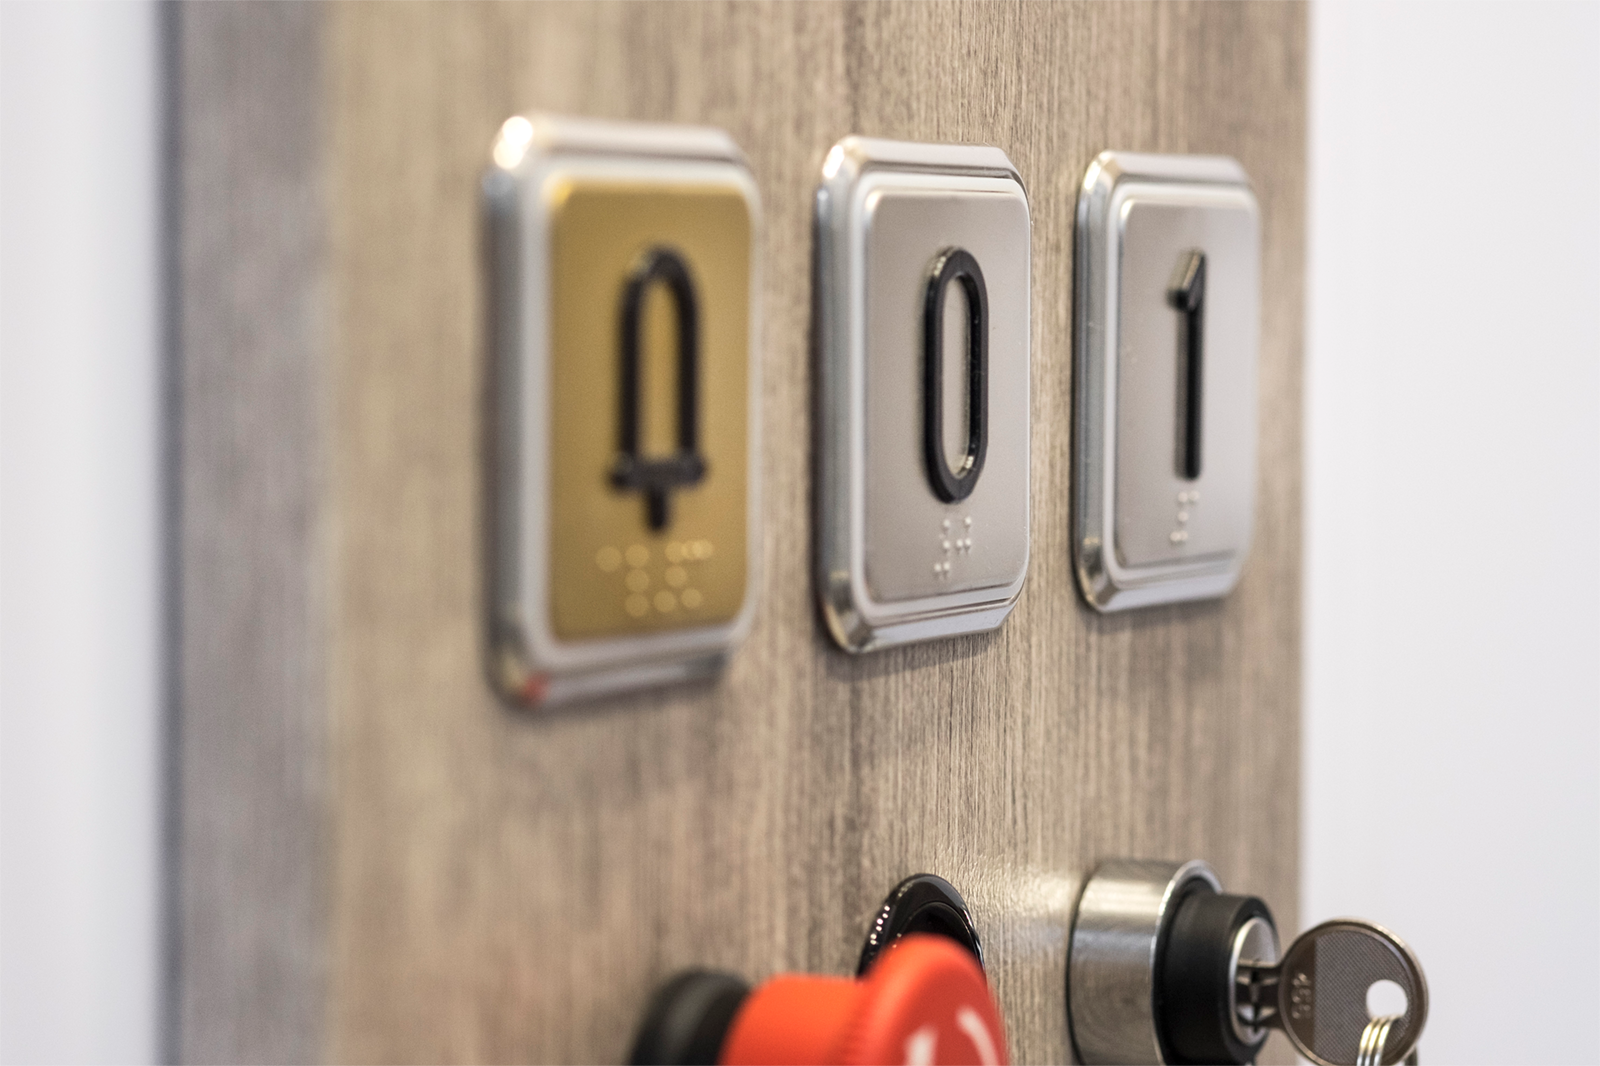 Botones elevadores verticales